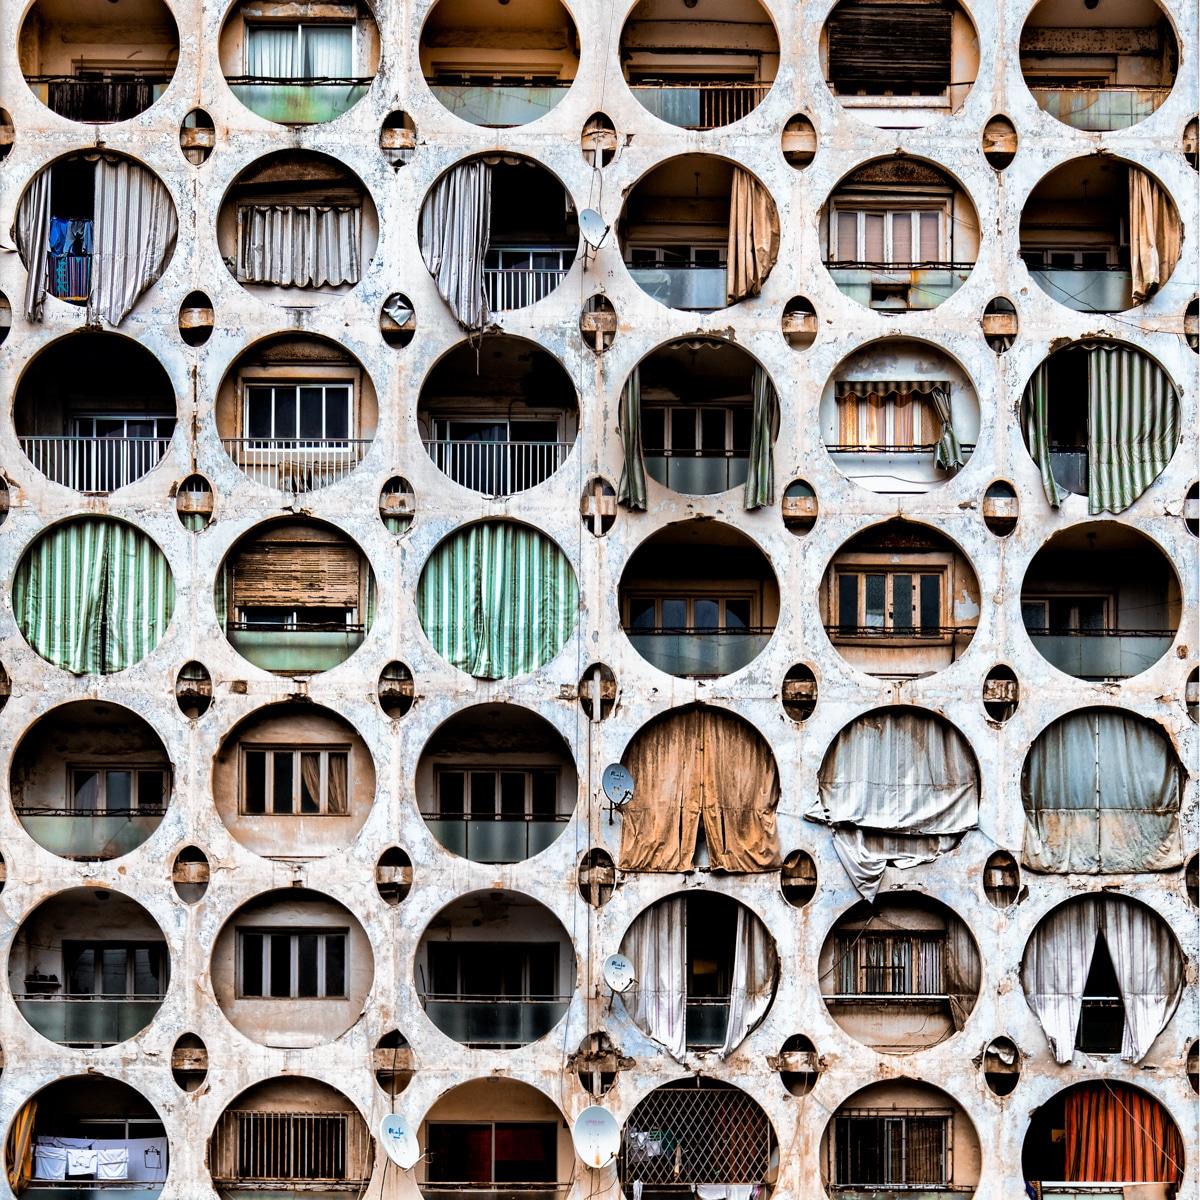 Beirut Apartment Building with Circular Windows